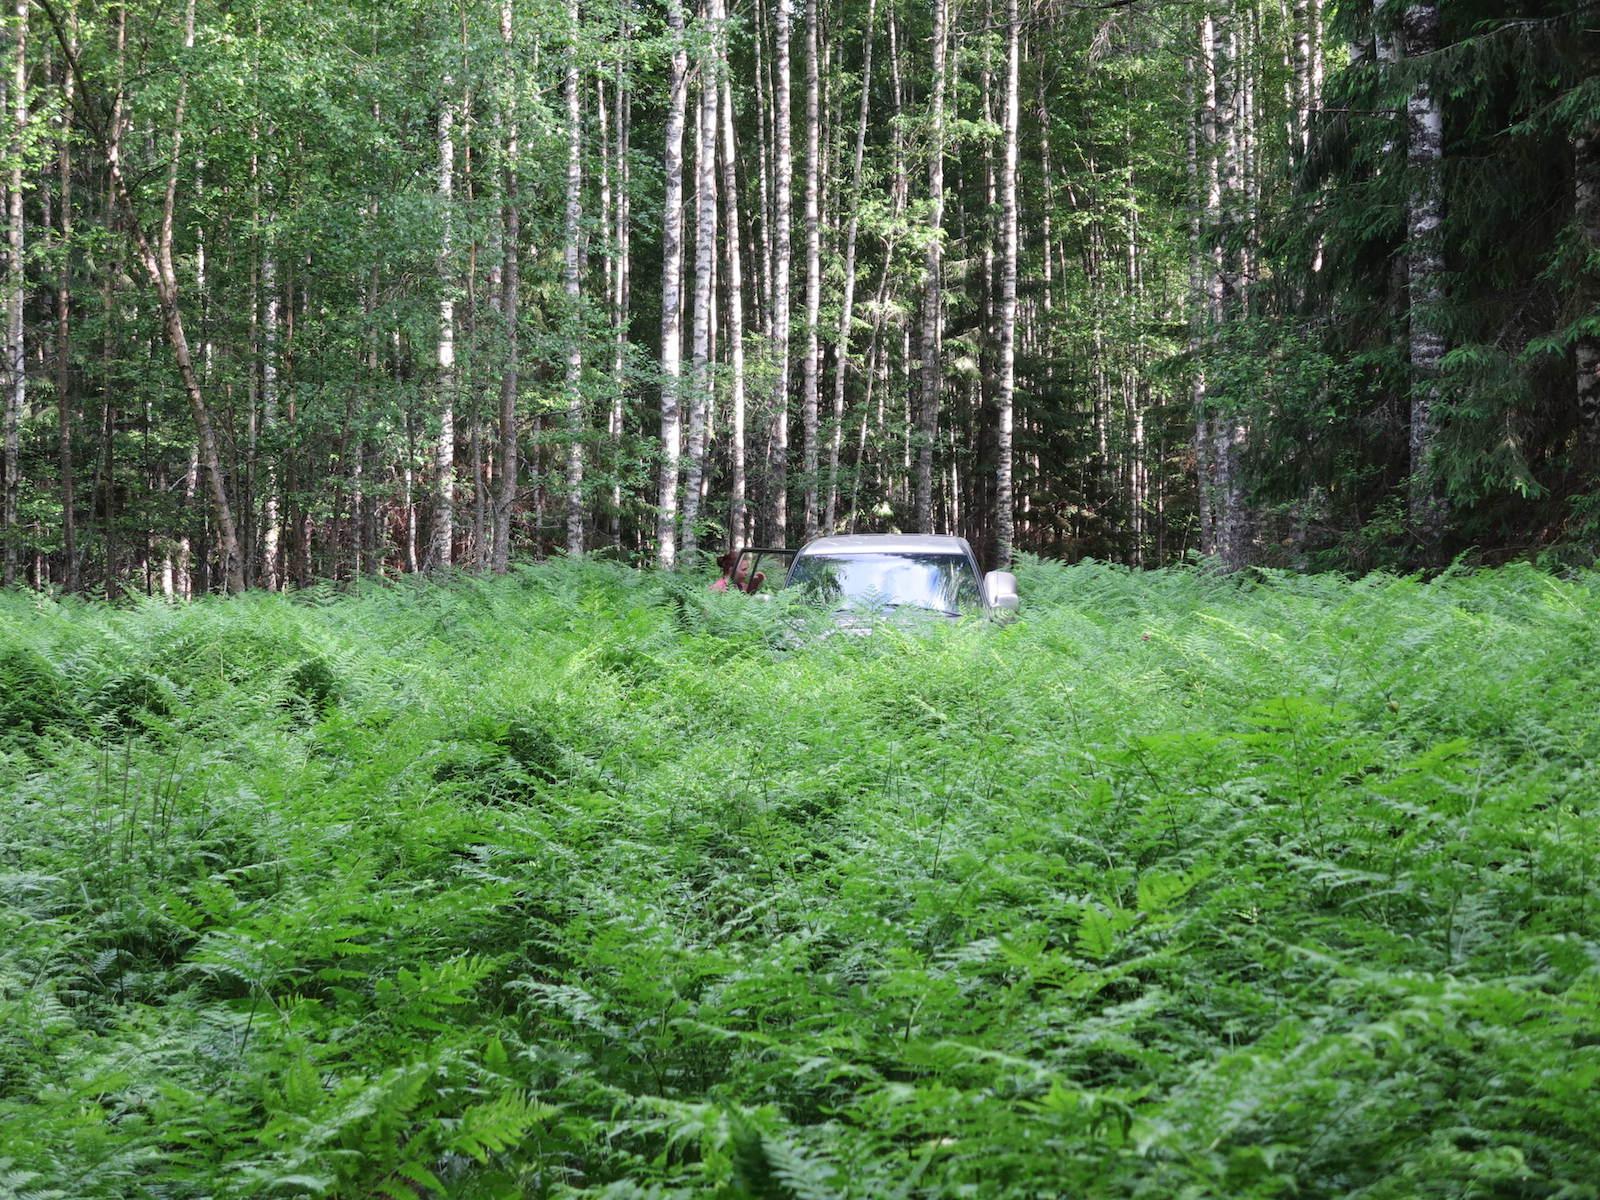 Farnwald mit Auto Belarus Weißrussland